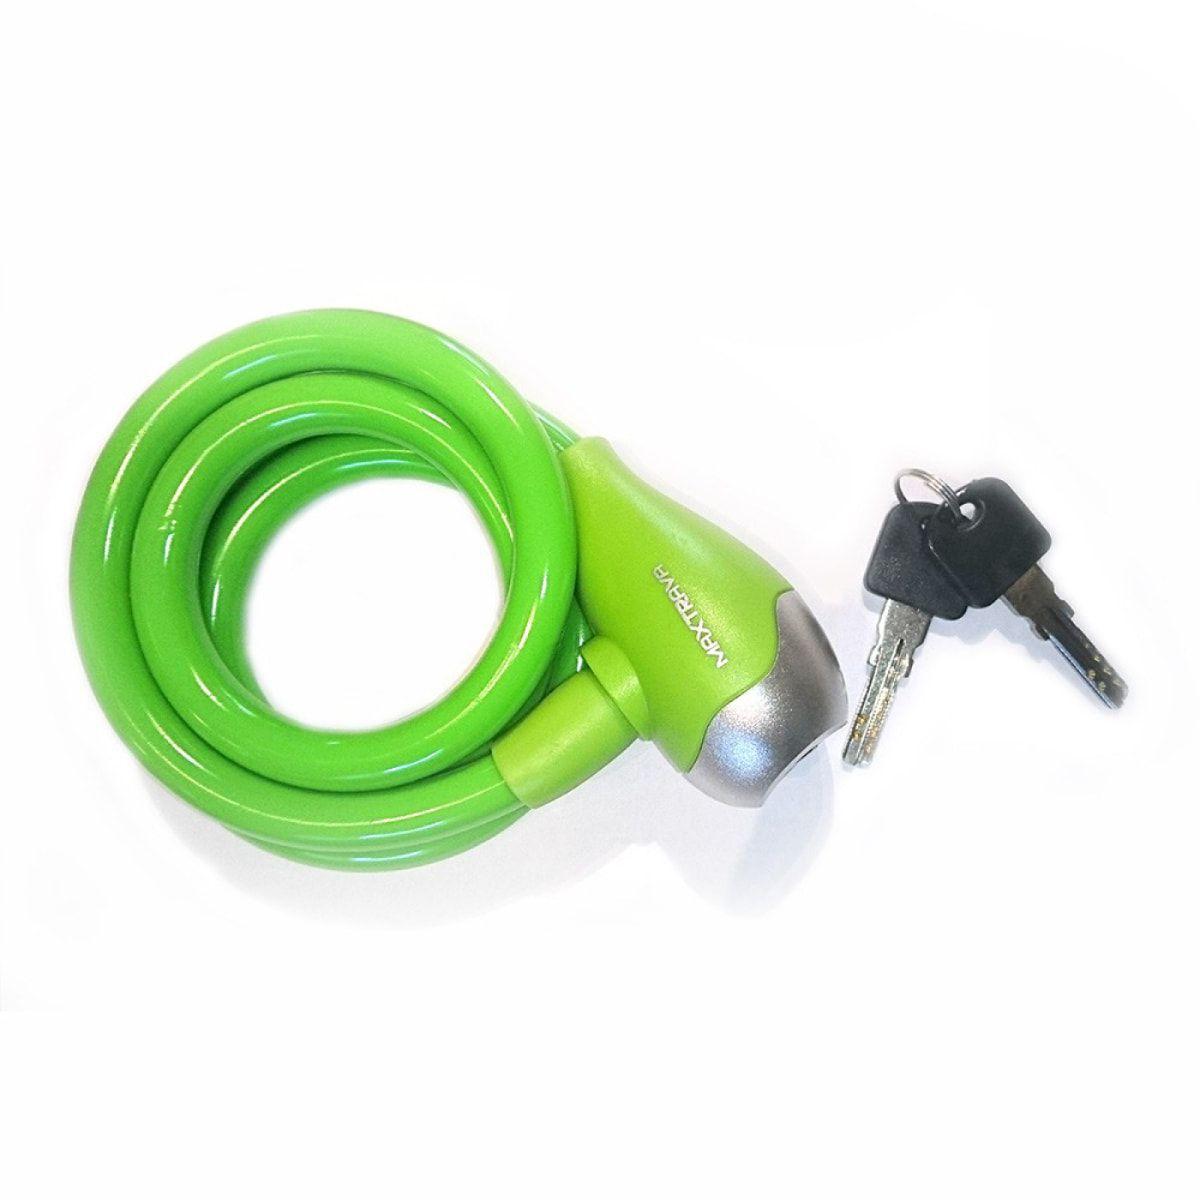 Cadeado Max Trava com Chave Grosso Verde